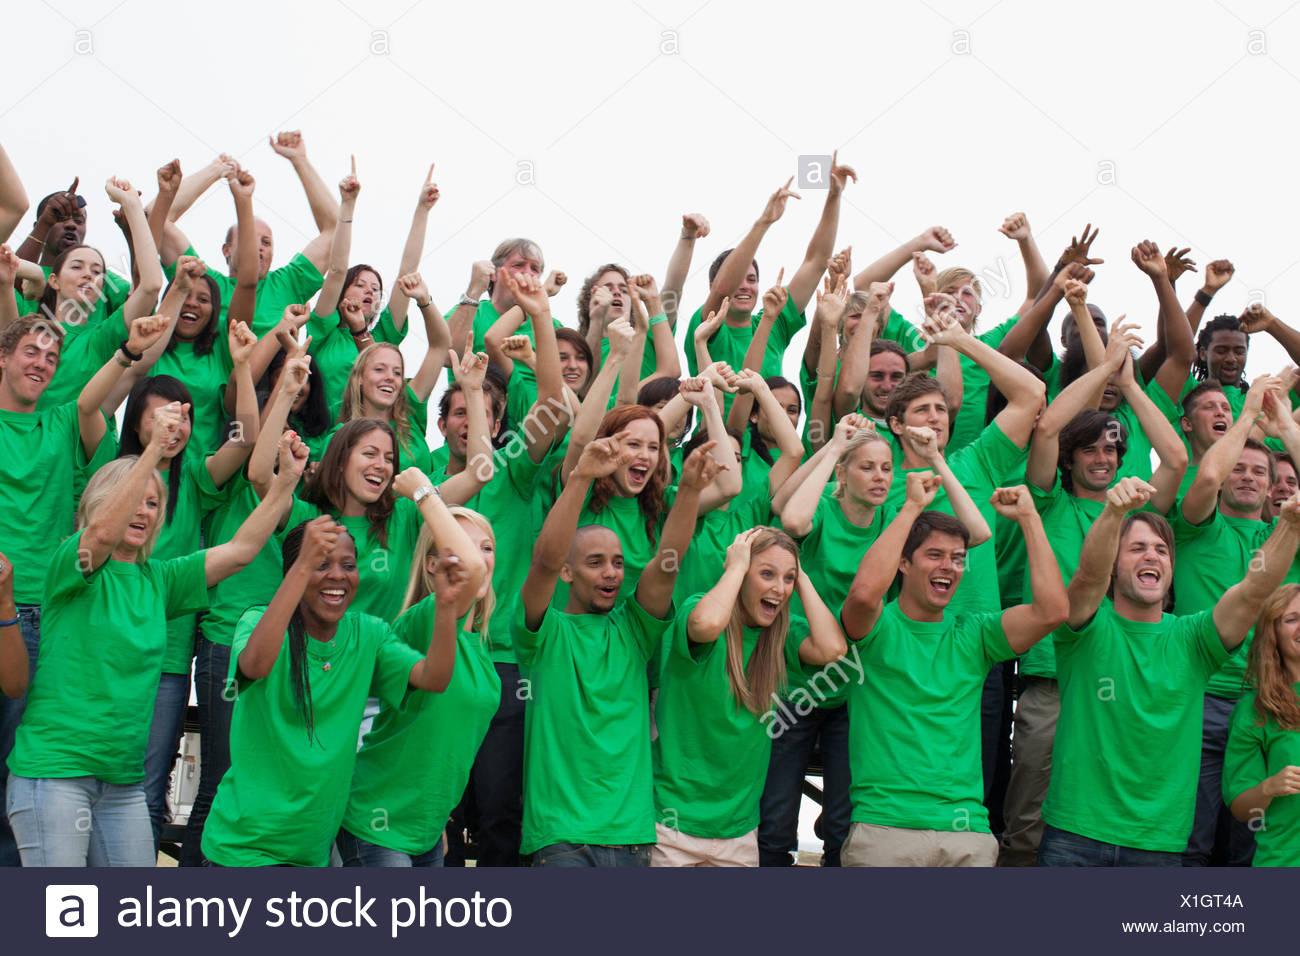 Grupo de espectadores animando Imagen De Stock